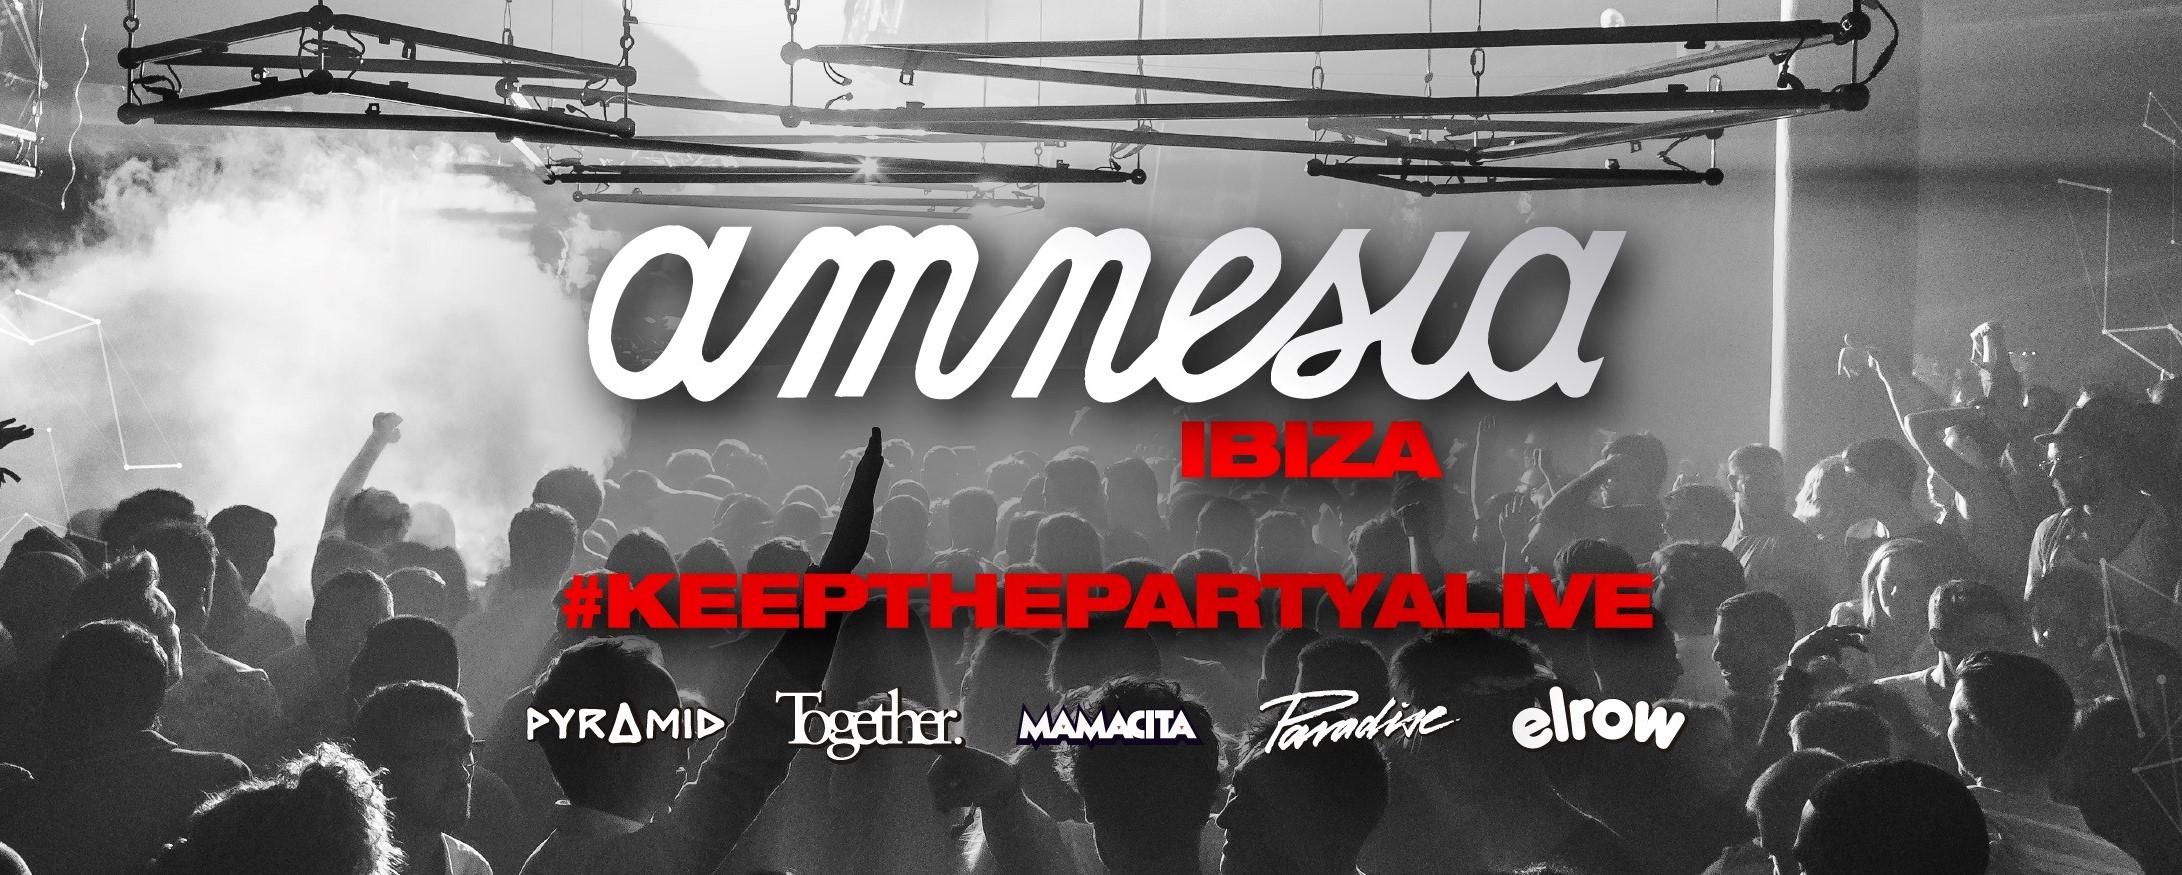 Amnesia lanza una campaña para mantener viva la fiesta en Ibiza